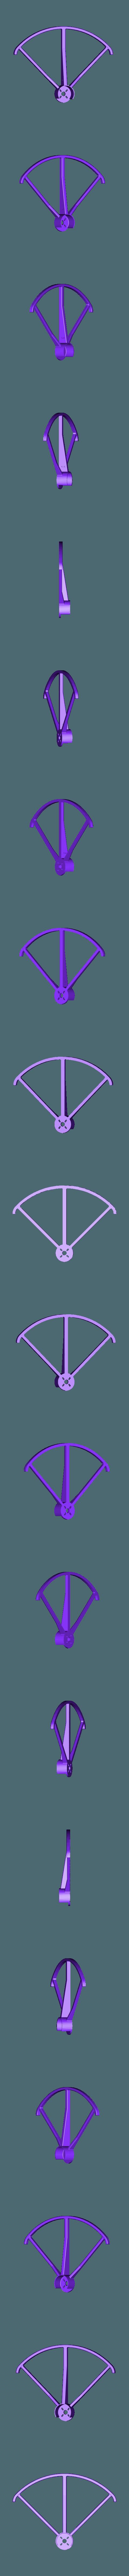 proppeller_guard_1045.STL Télécharger fichier STL gratuit Protecteur d'hélice • Plan pour imprimante 3D, YEHIA